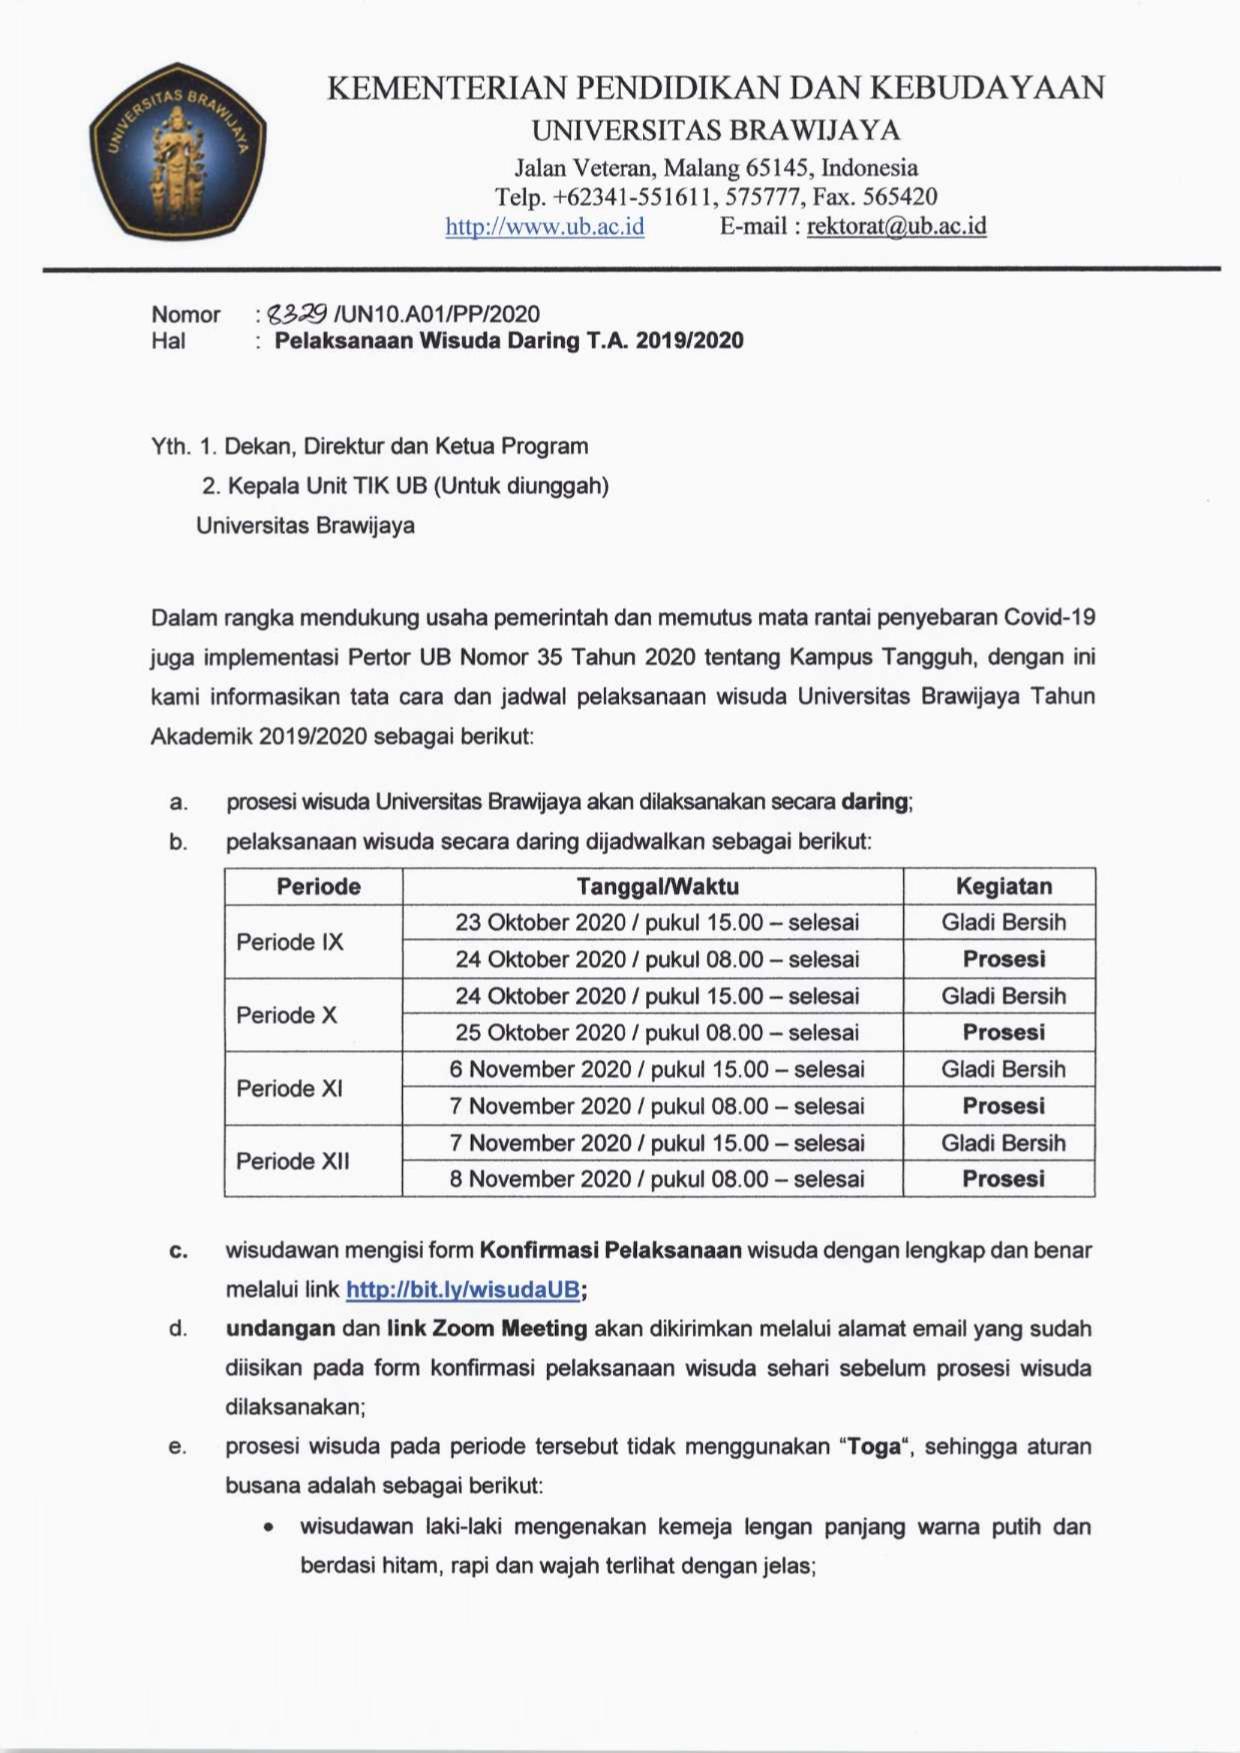 Pelaksanaan Wisuda Daring TA. 2019/2020